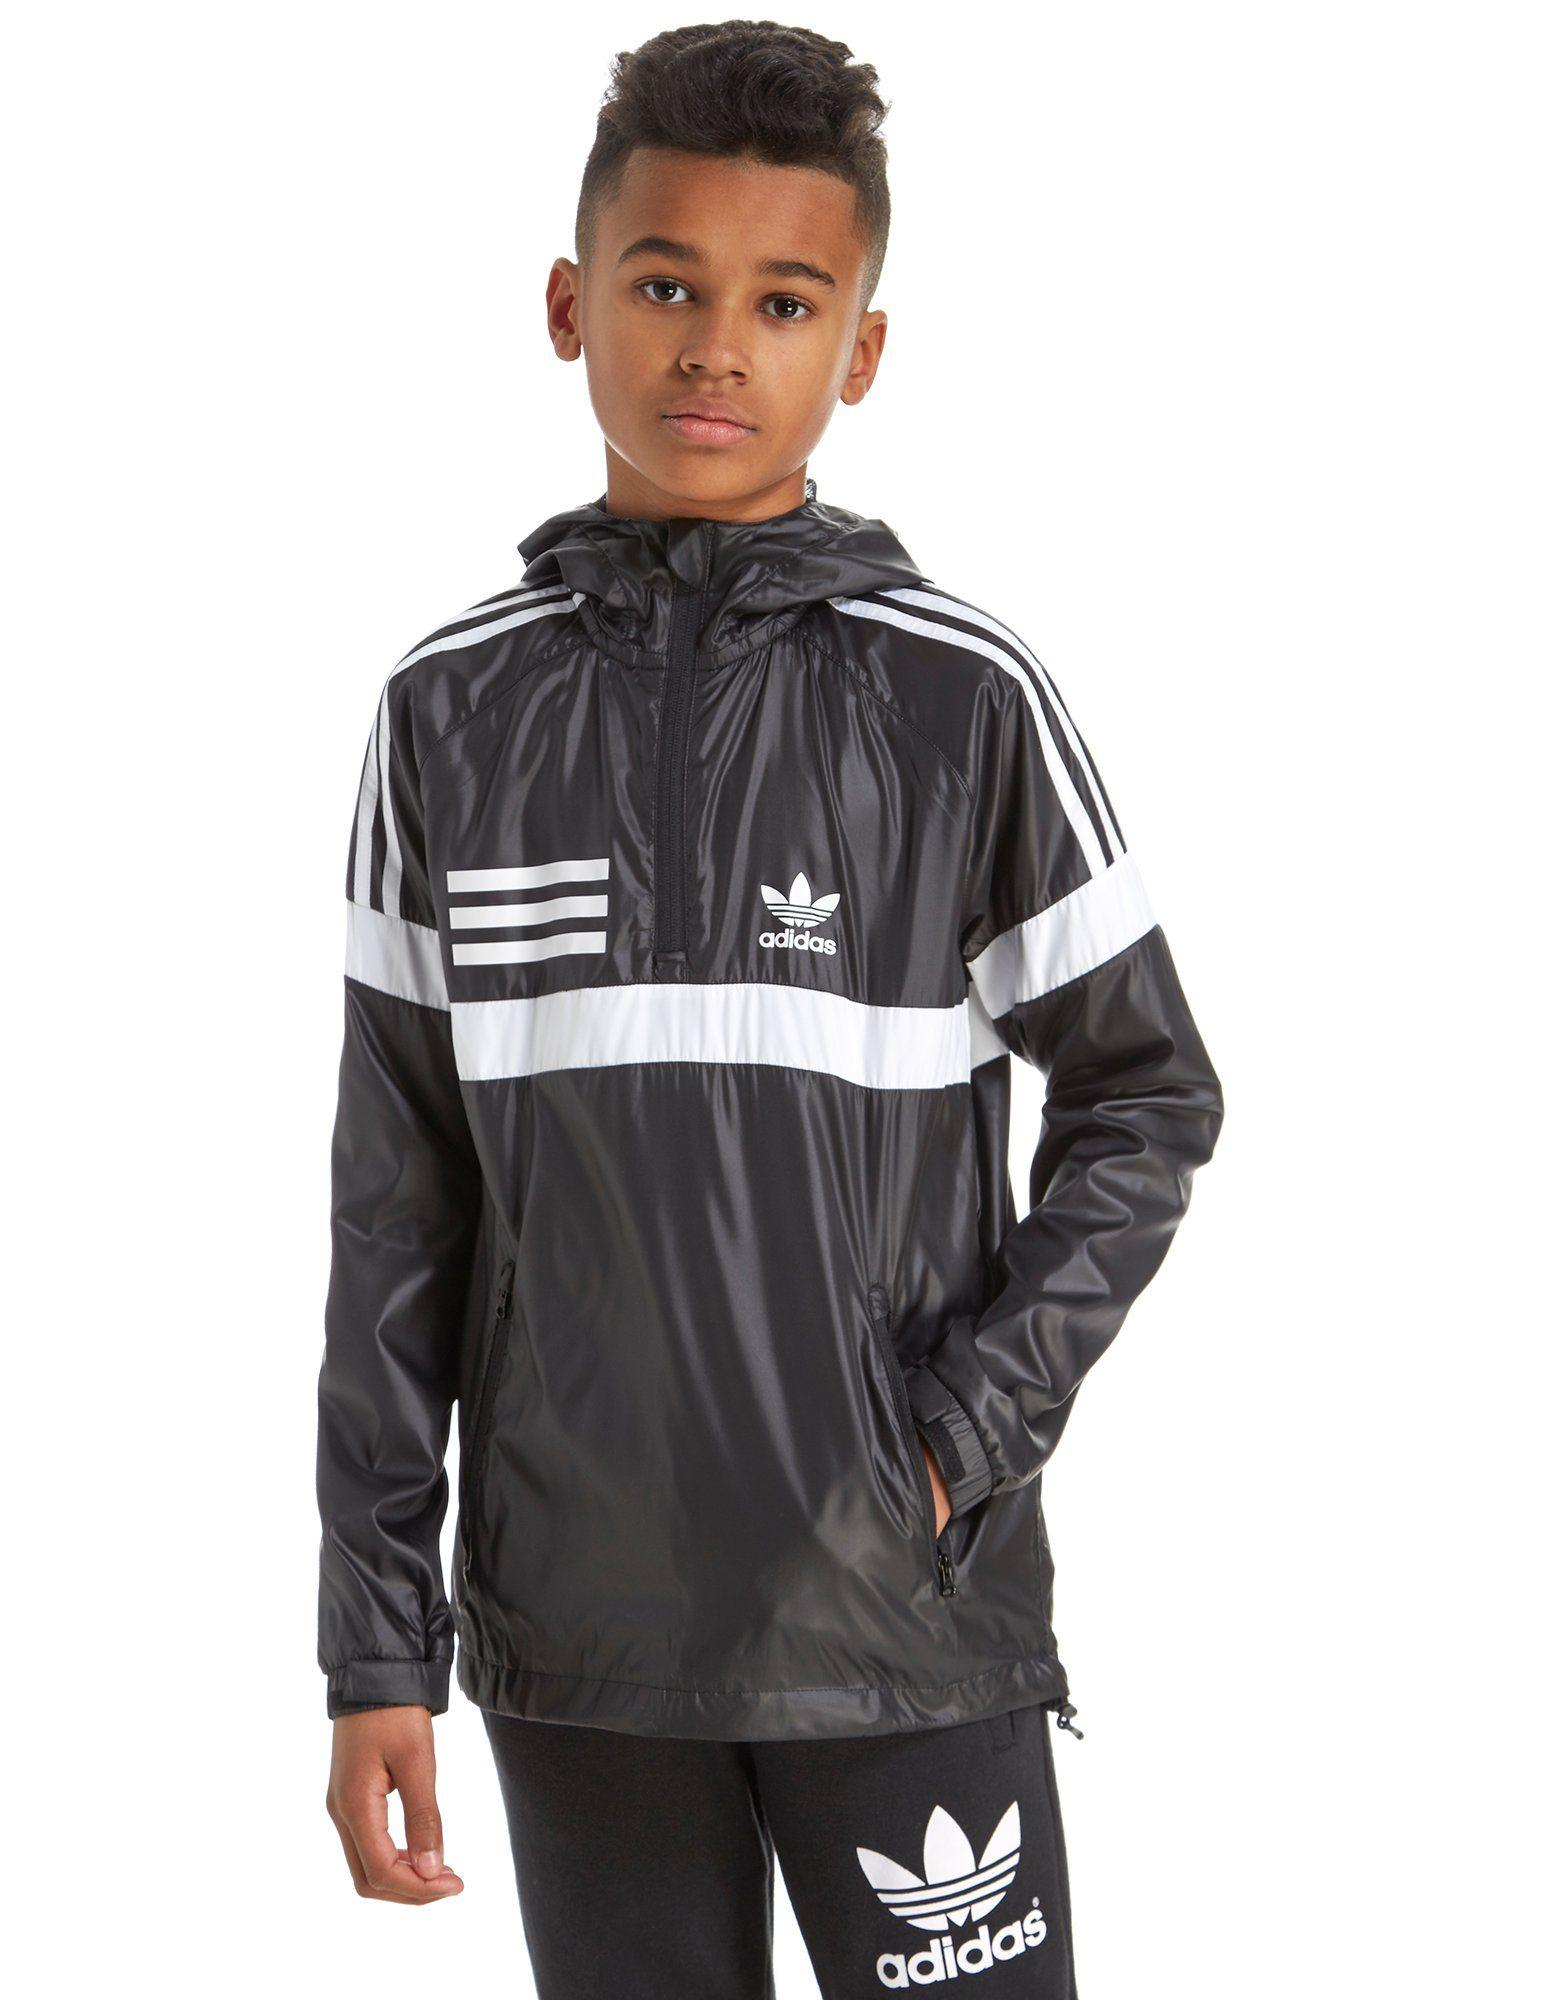 adidas Originals Urban 1/4 Zip Jacket Junior | JD Sports